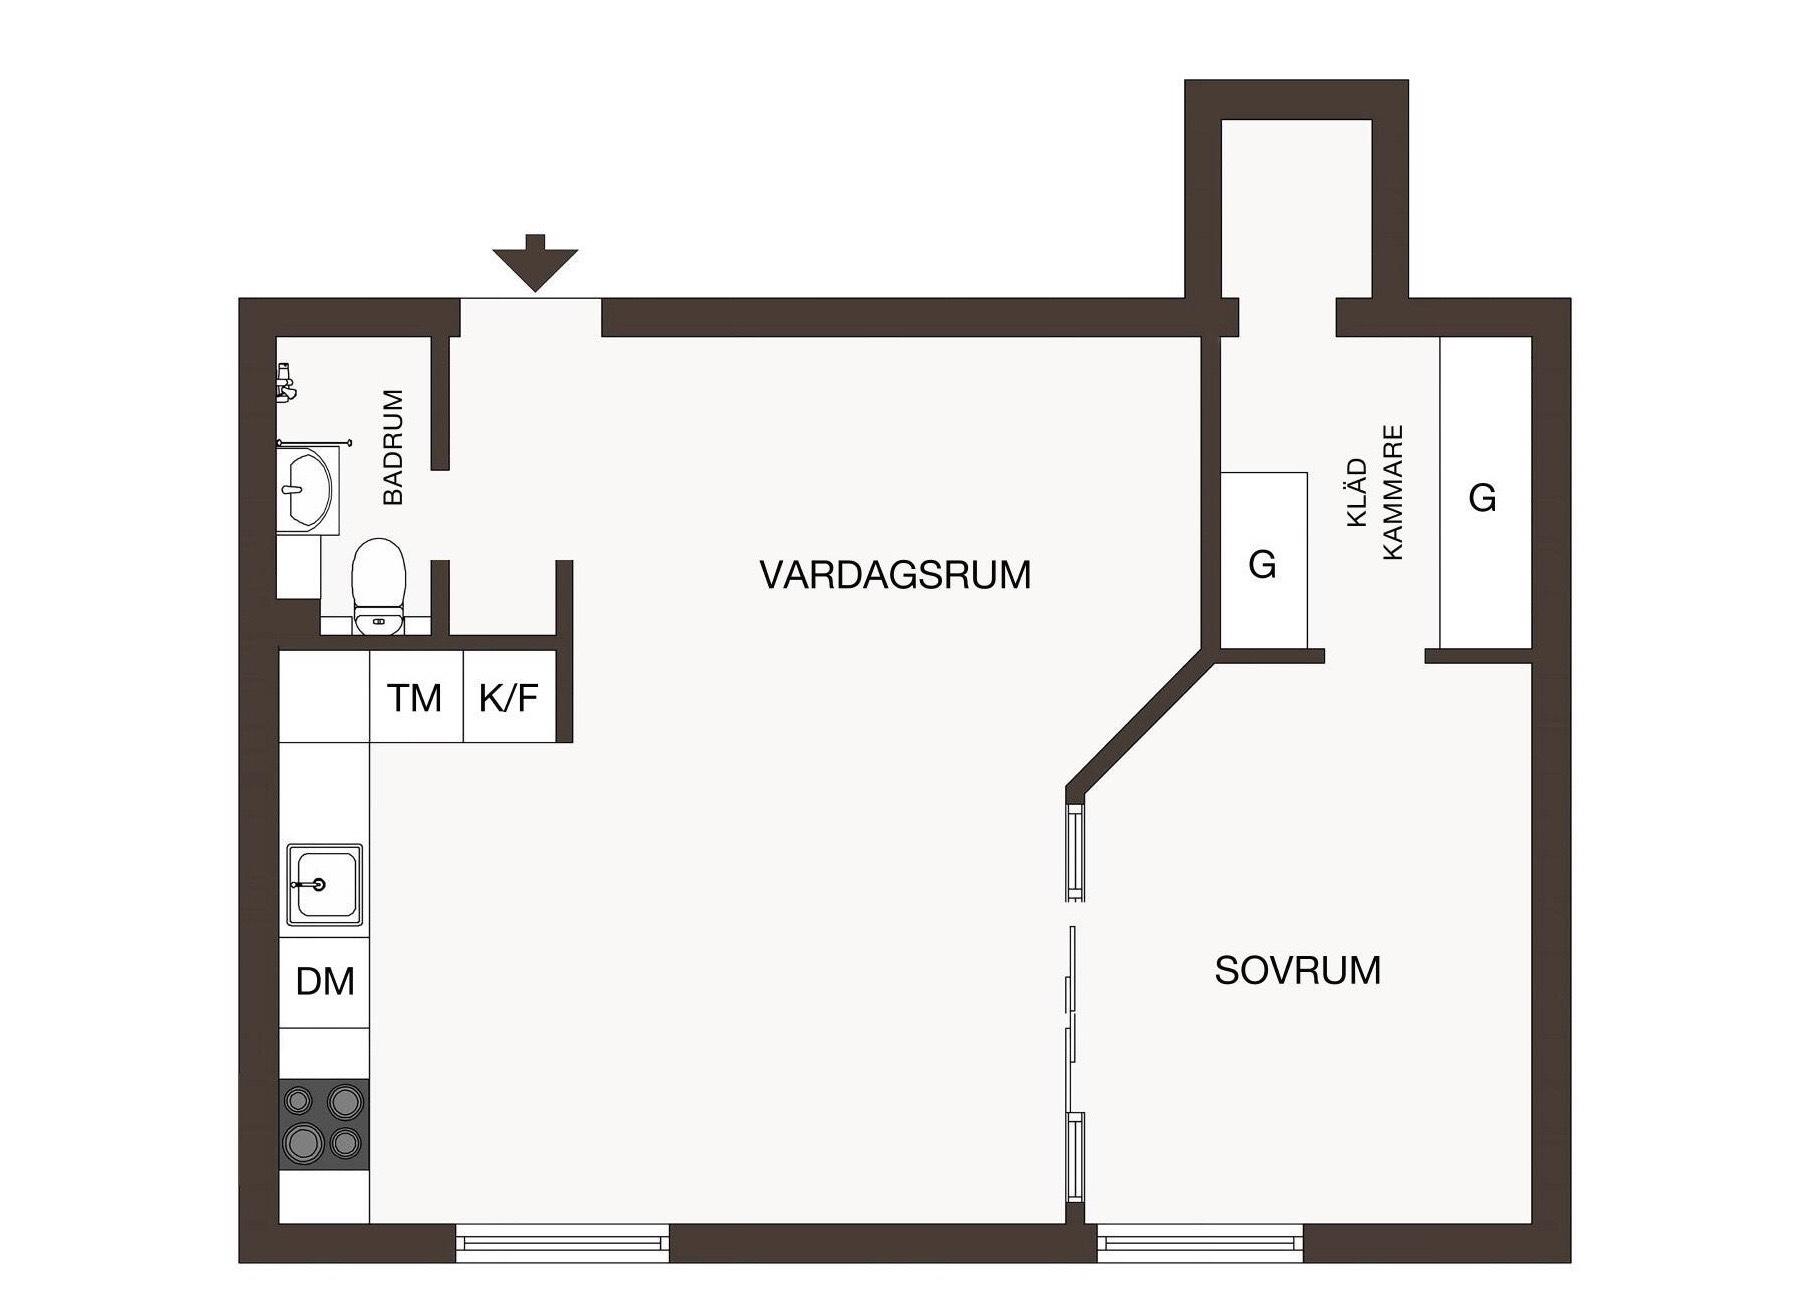 46 sqm studio apartment floor plan